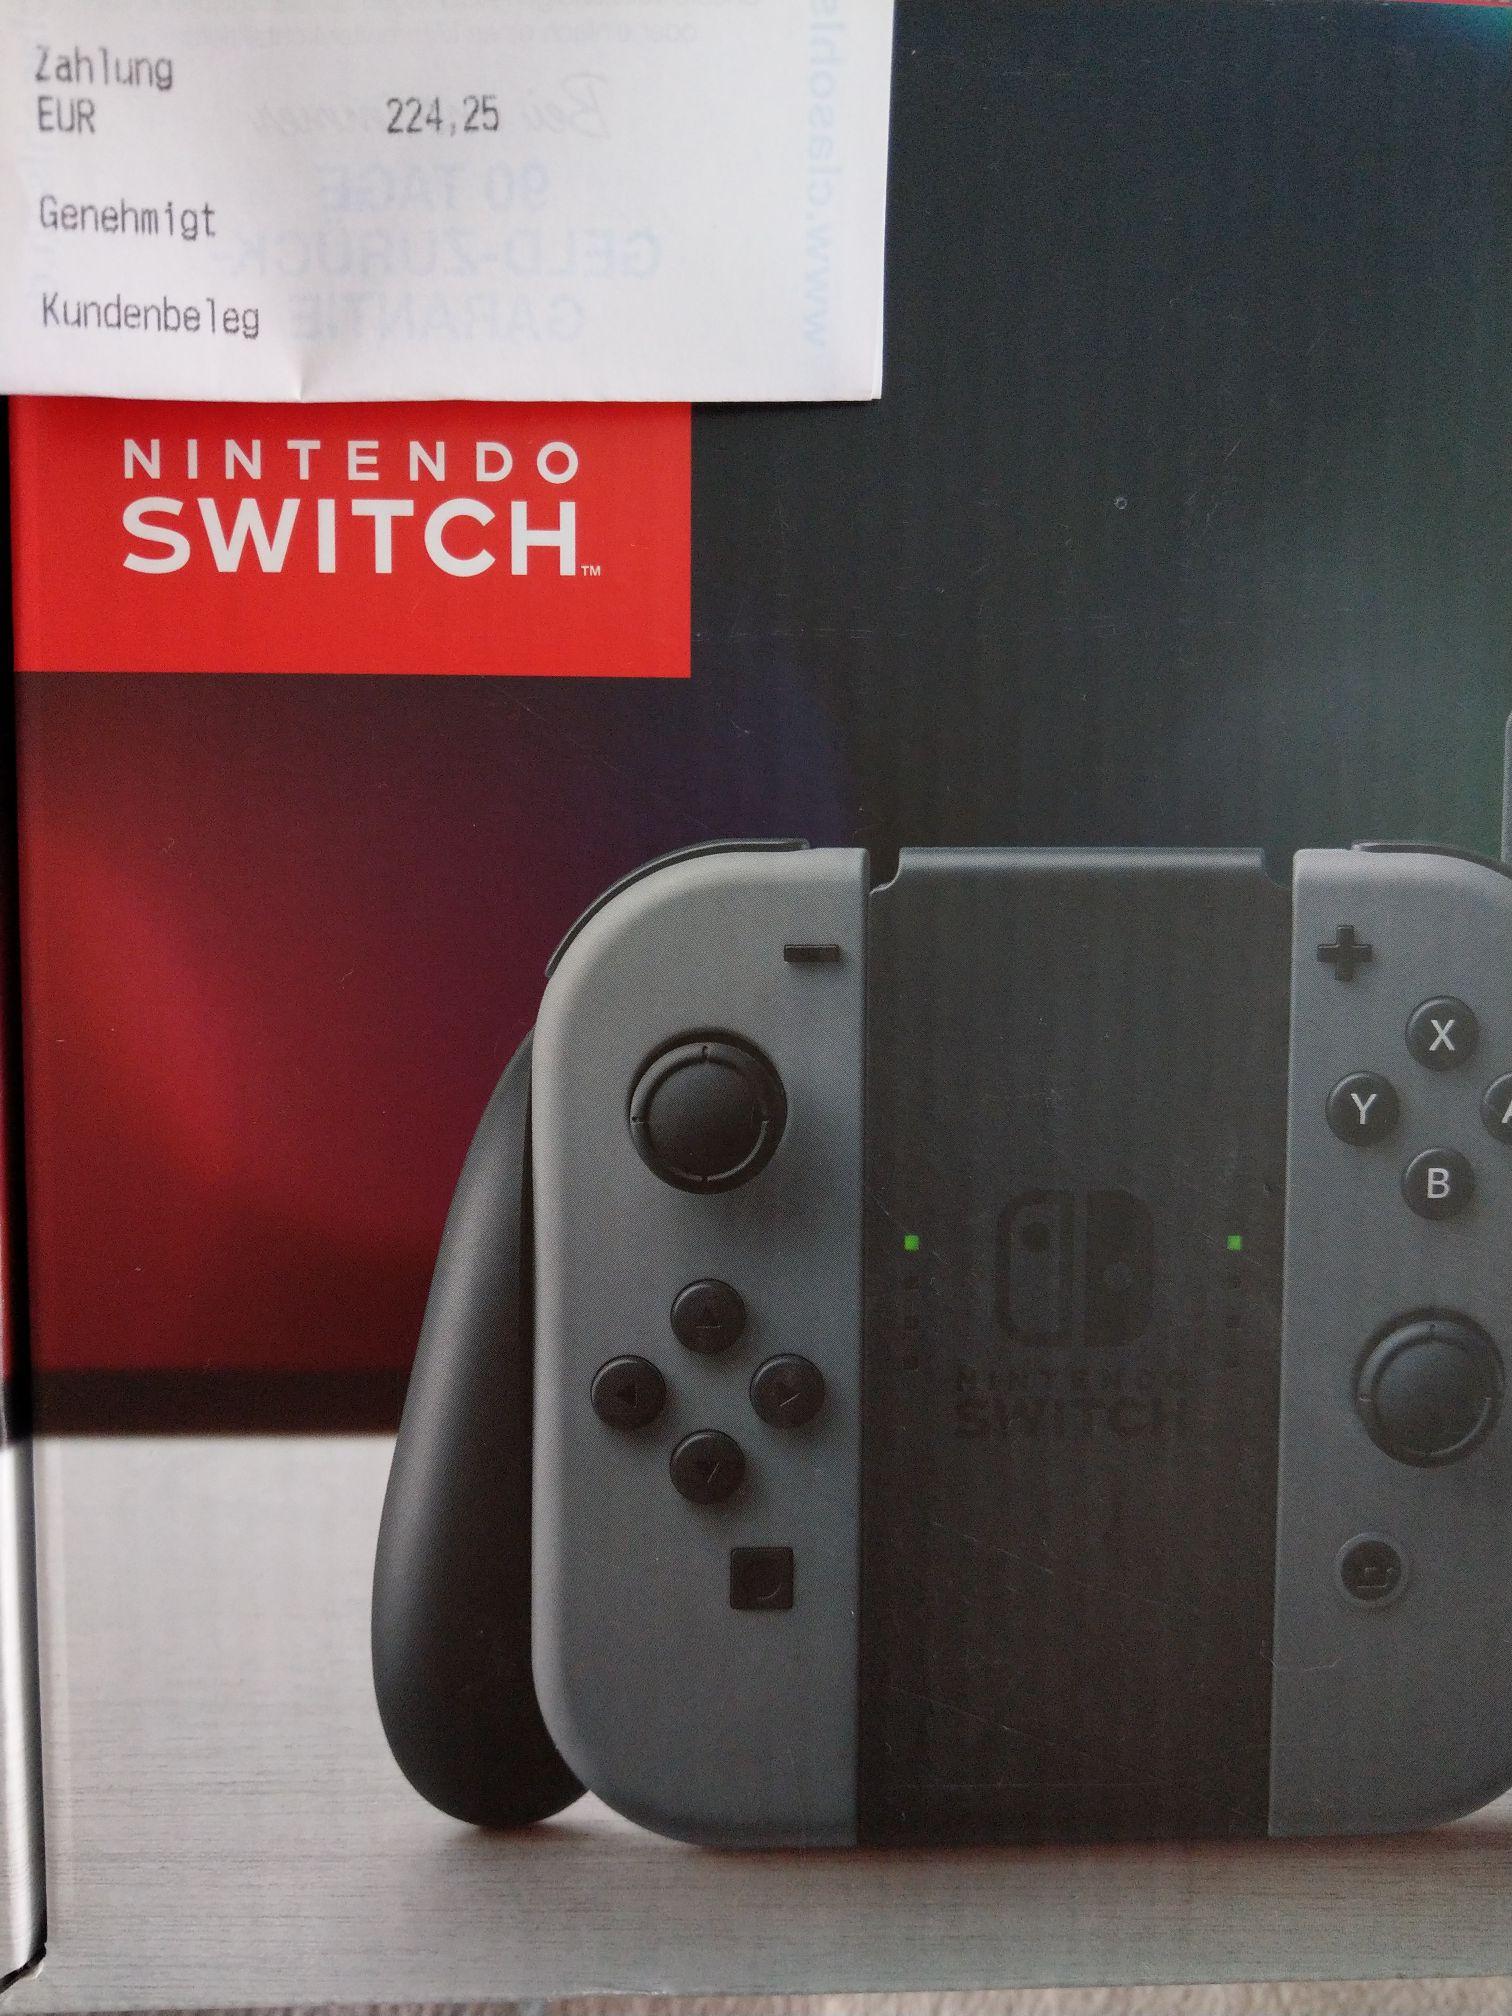 [Lokal HH] Nintendo Switch oder z.B Sonos Play 1 zum unschlagbaren Preis